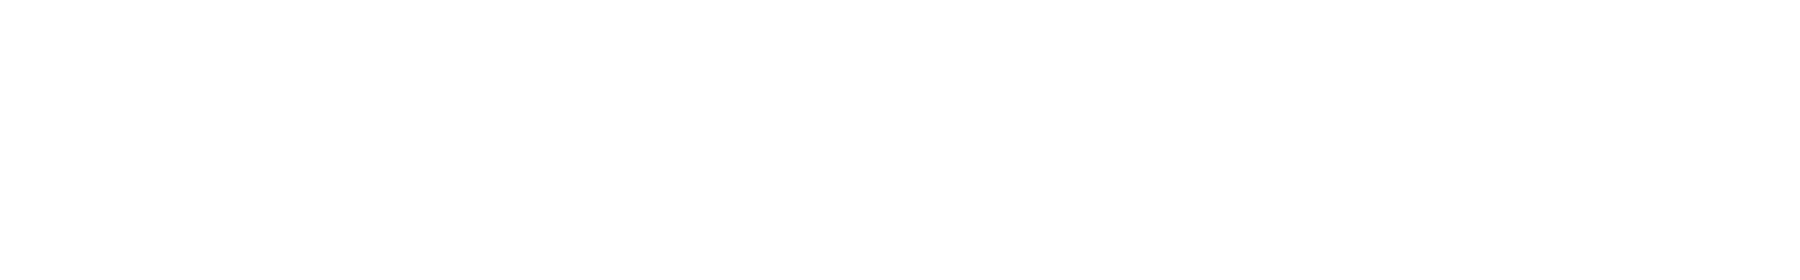 127 f harmonicgtr sp 02